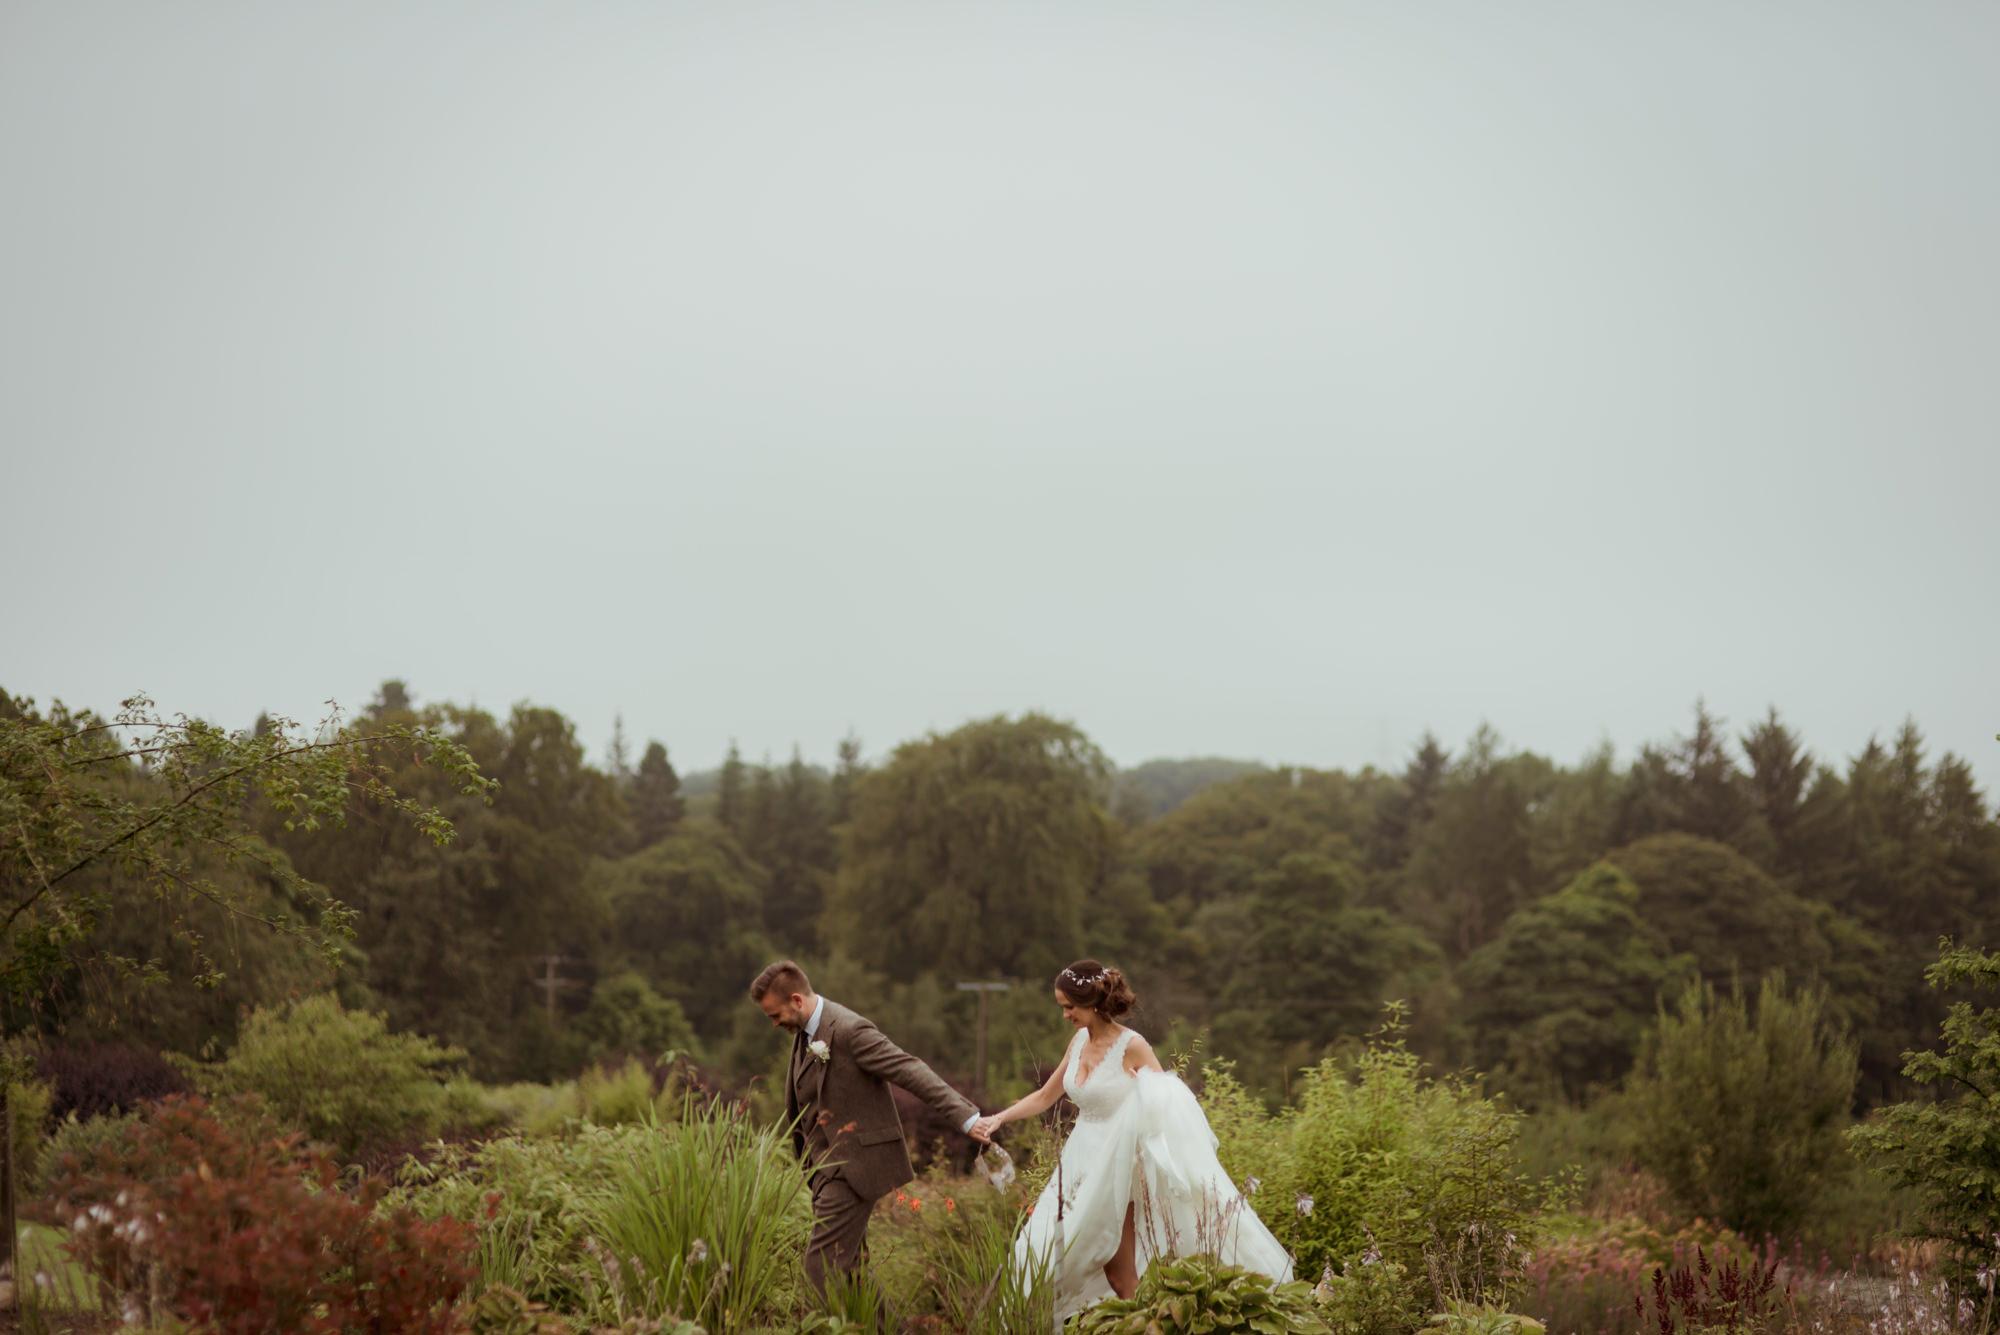 farm-wedding-venue-glasgow-scotland.jpg